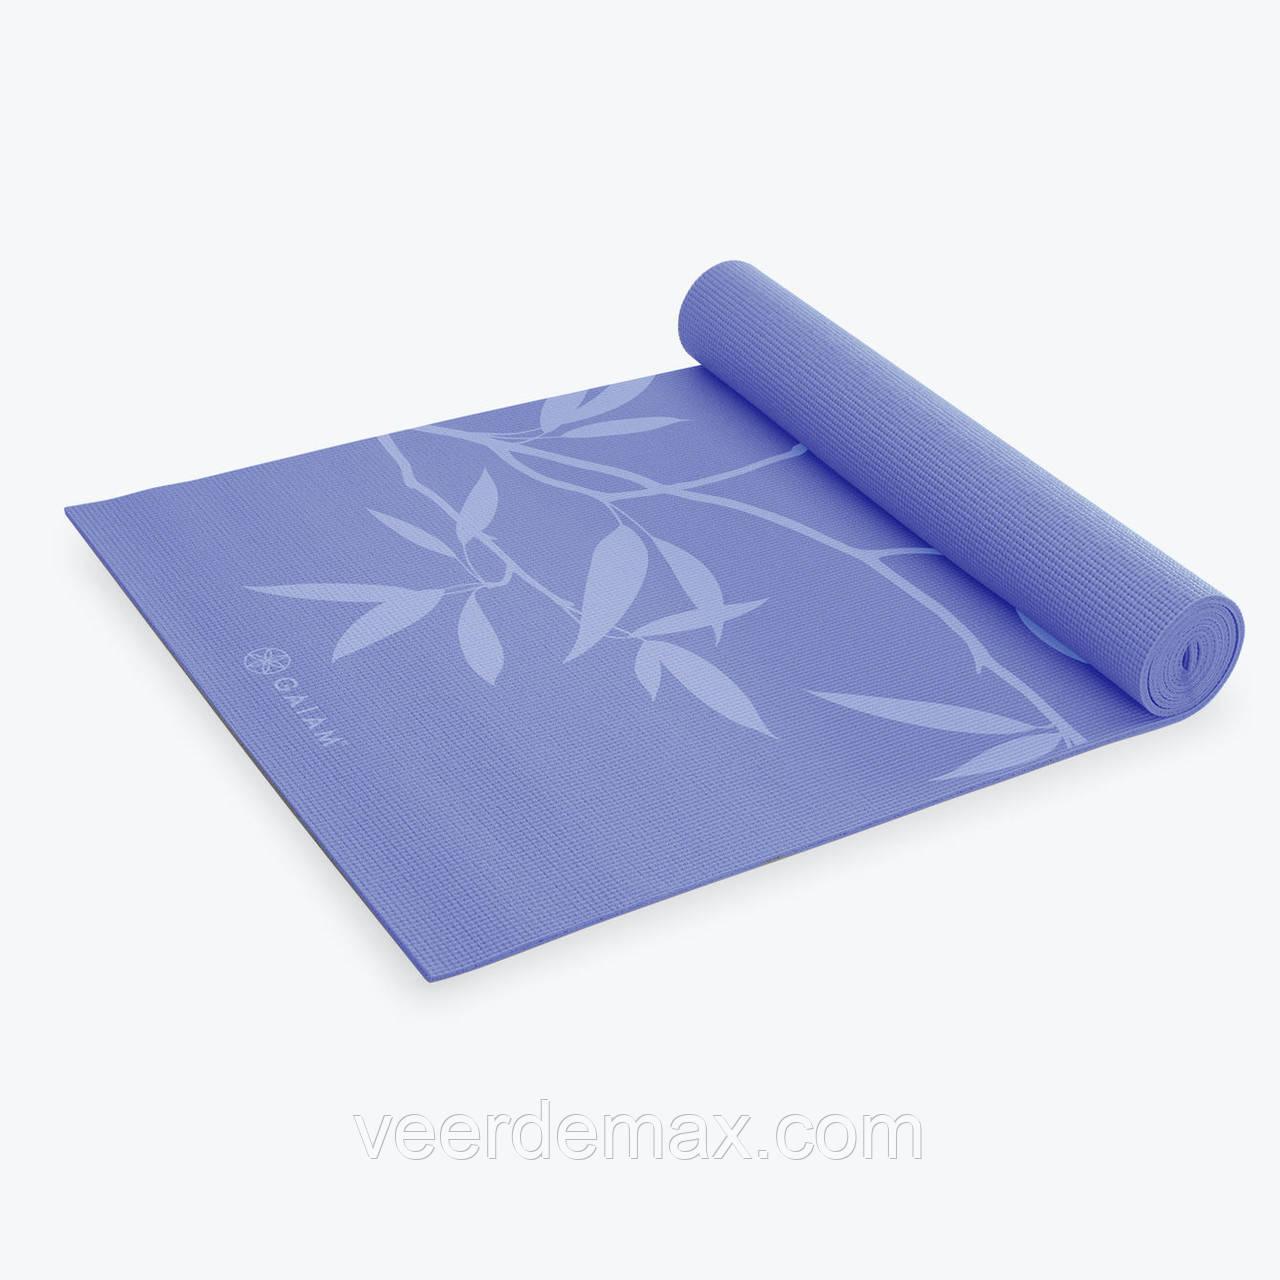 Коврик для йоги PREMIUM ASH LEAVES YOGA MAT (5мм) американской фирмы Gaiam